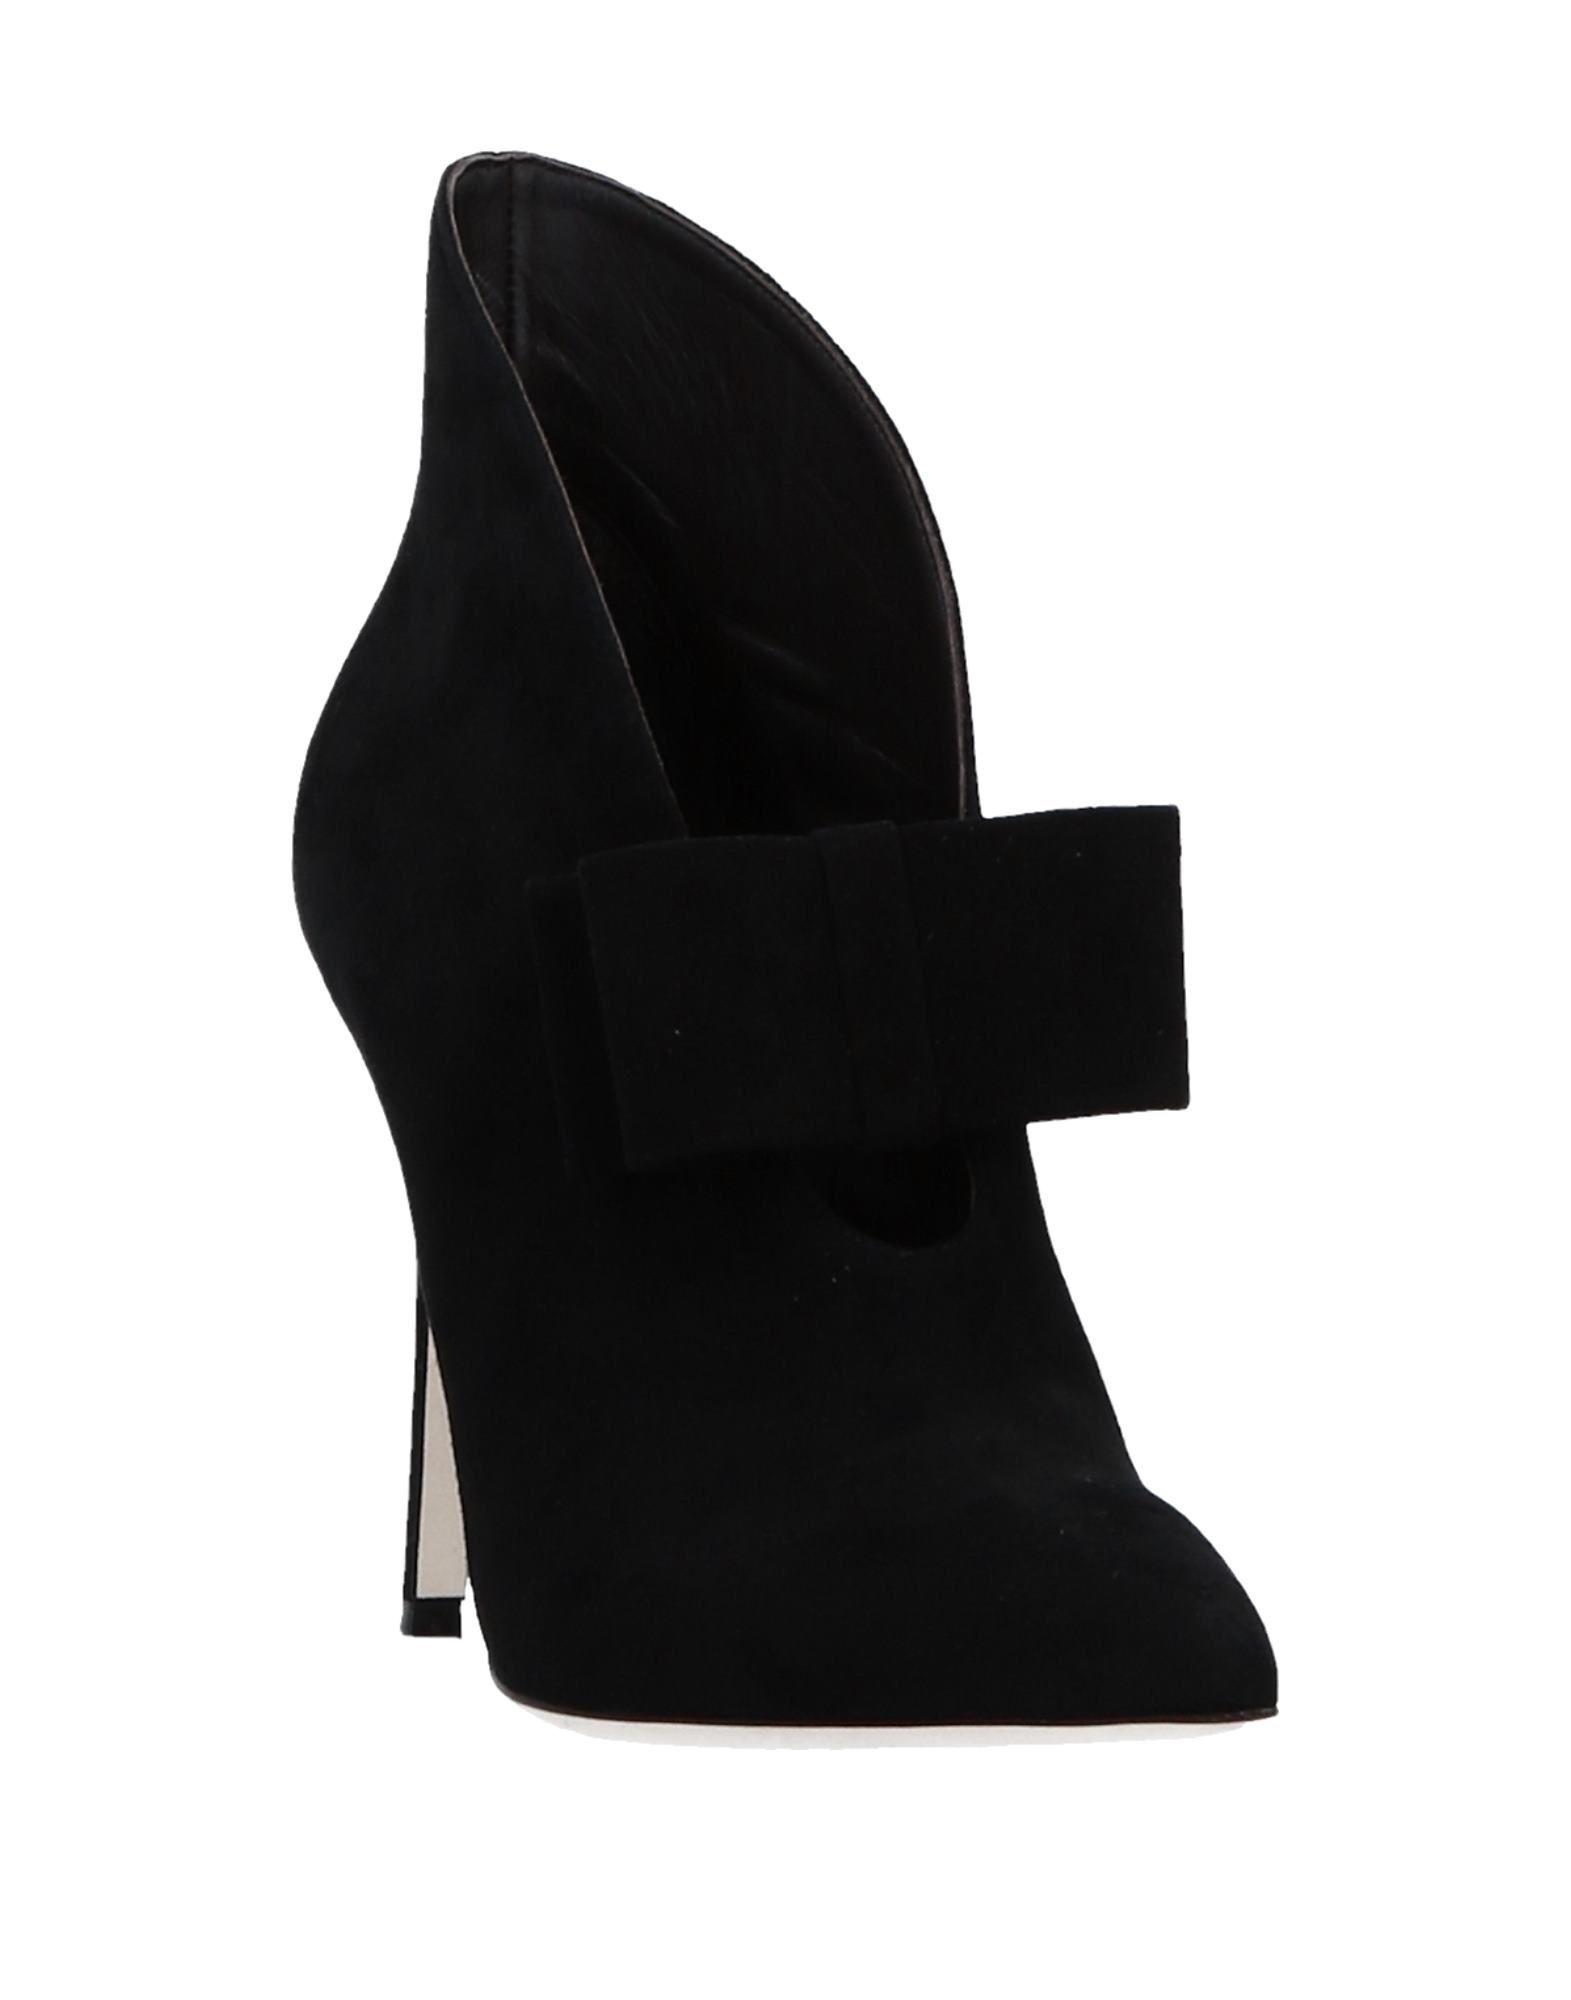 FOOTWEAR Lerre Black Woman Leather